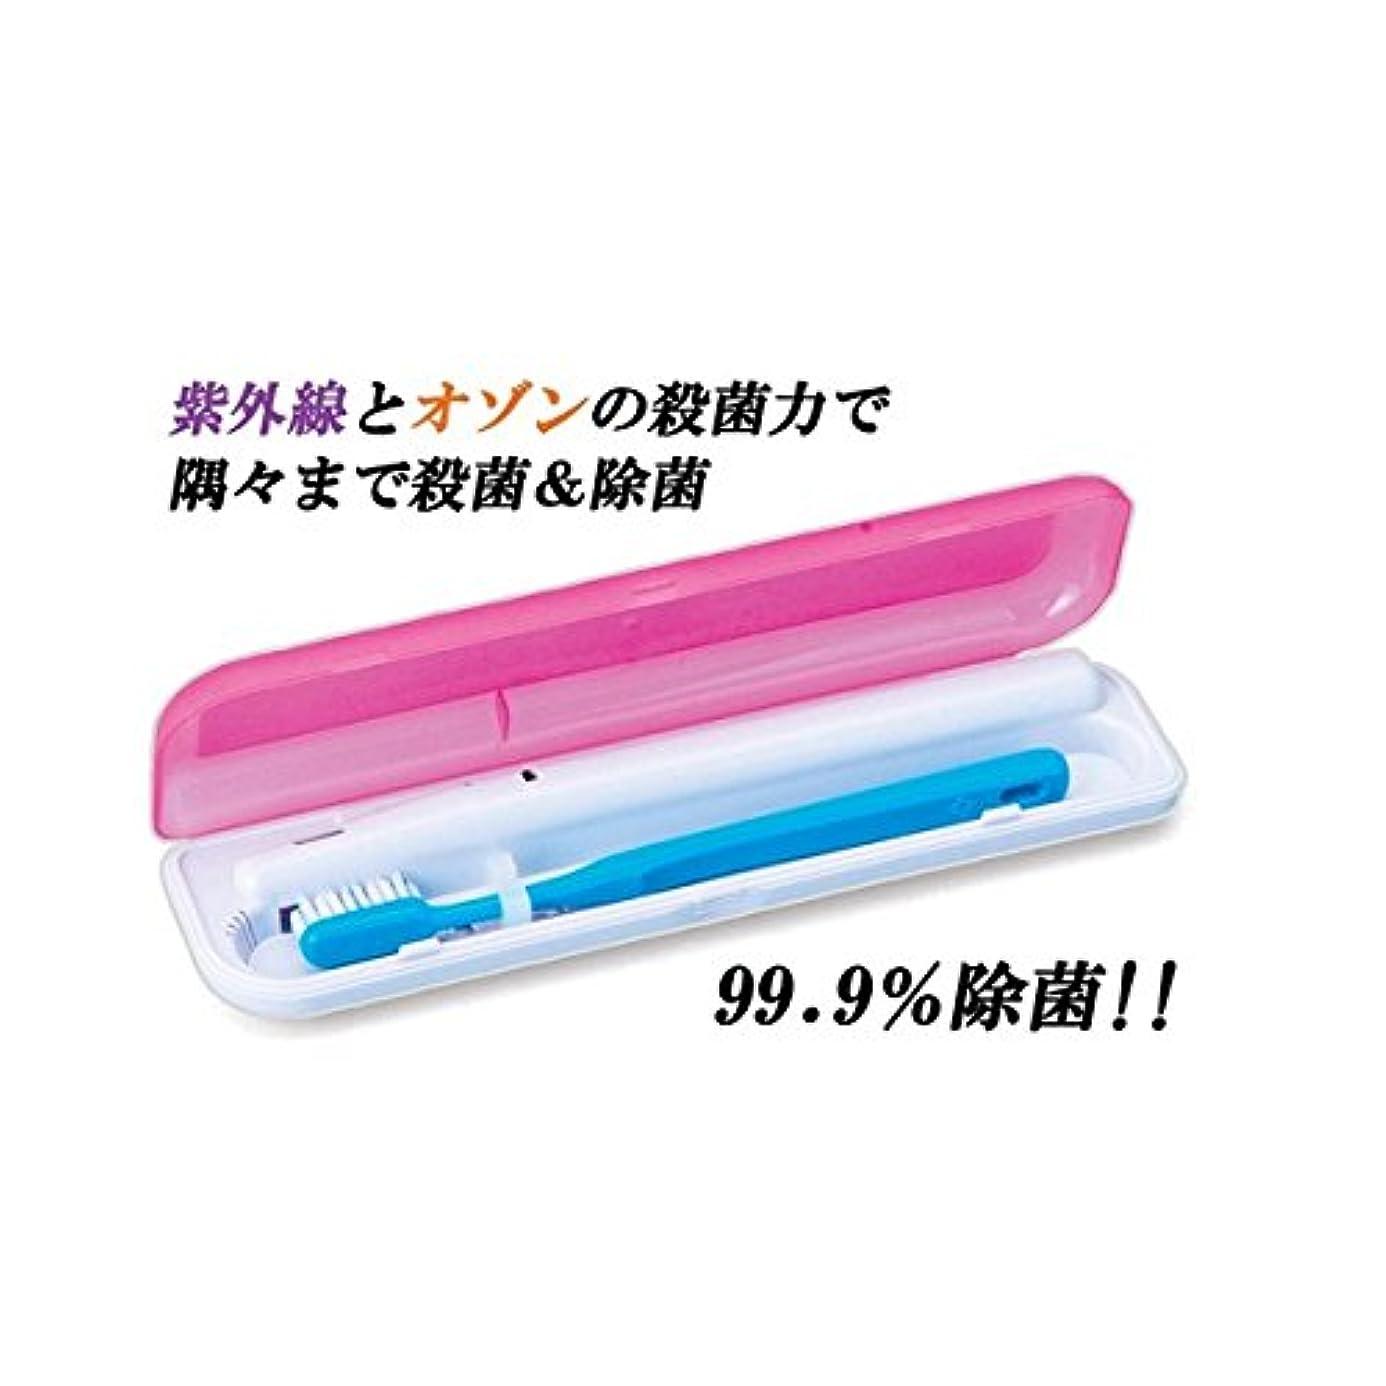 時期尚早マニアック防腐剤除菌歯ブラシ携帯ケース